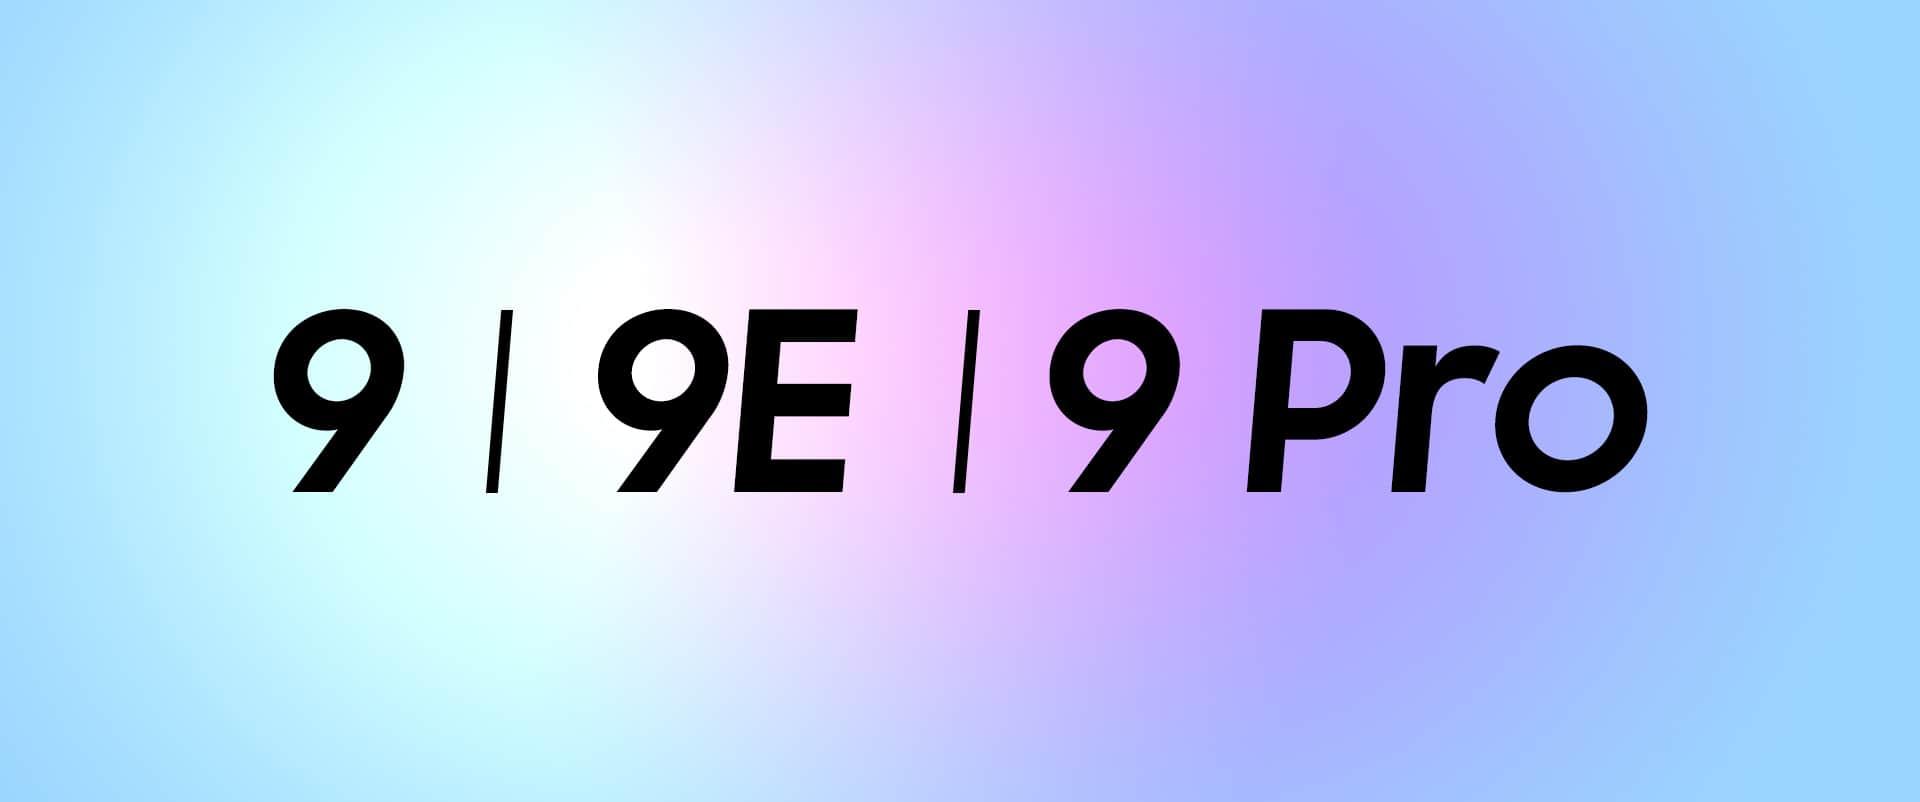 OnePlus 9 three smartphones names